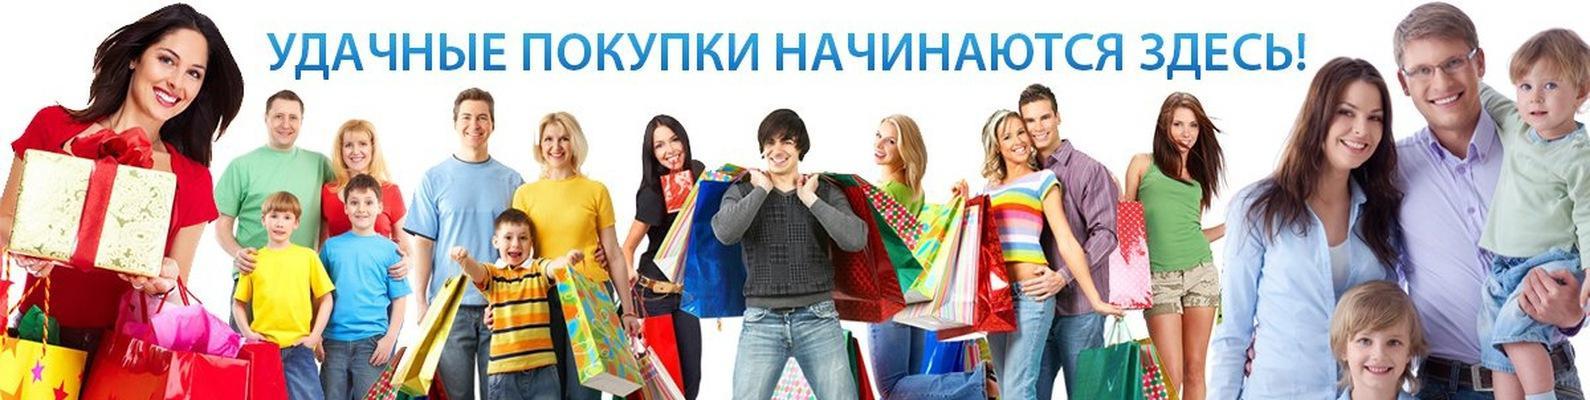 Интернет Магазин Фото Москва Отзывы